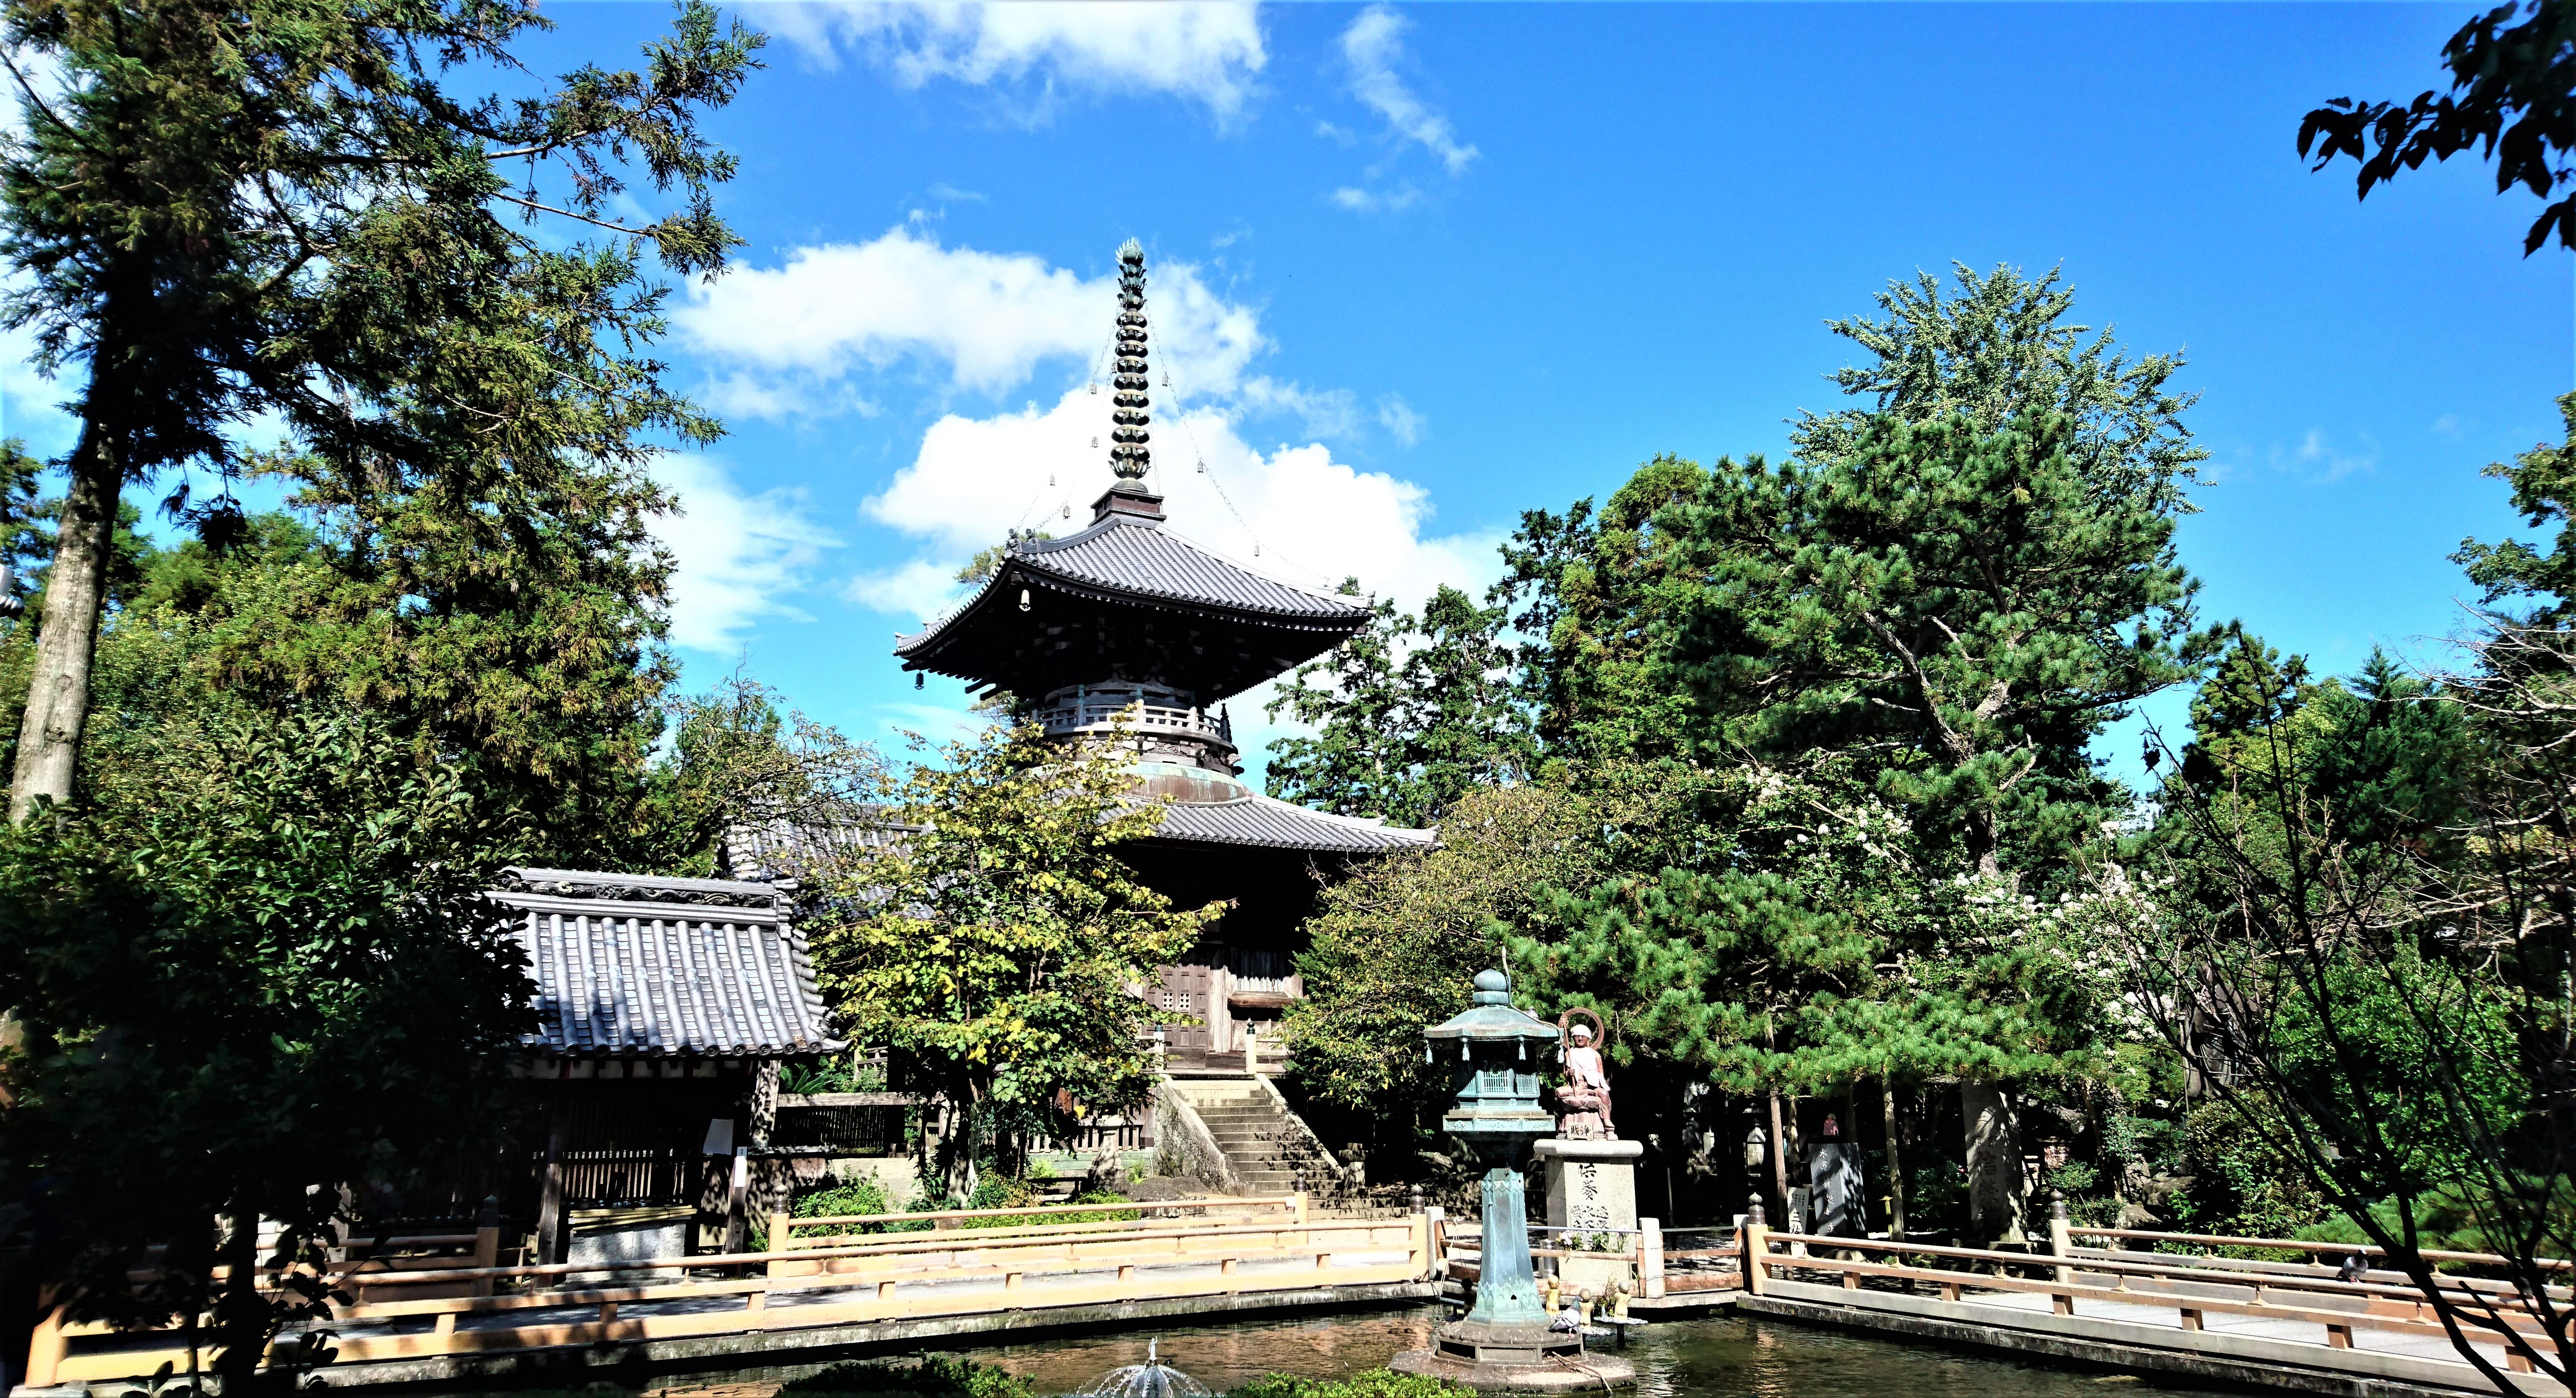 四国霊場 第一番札所 霊山寺